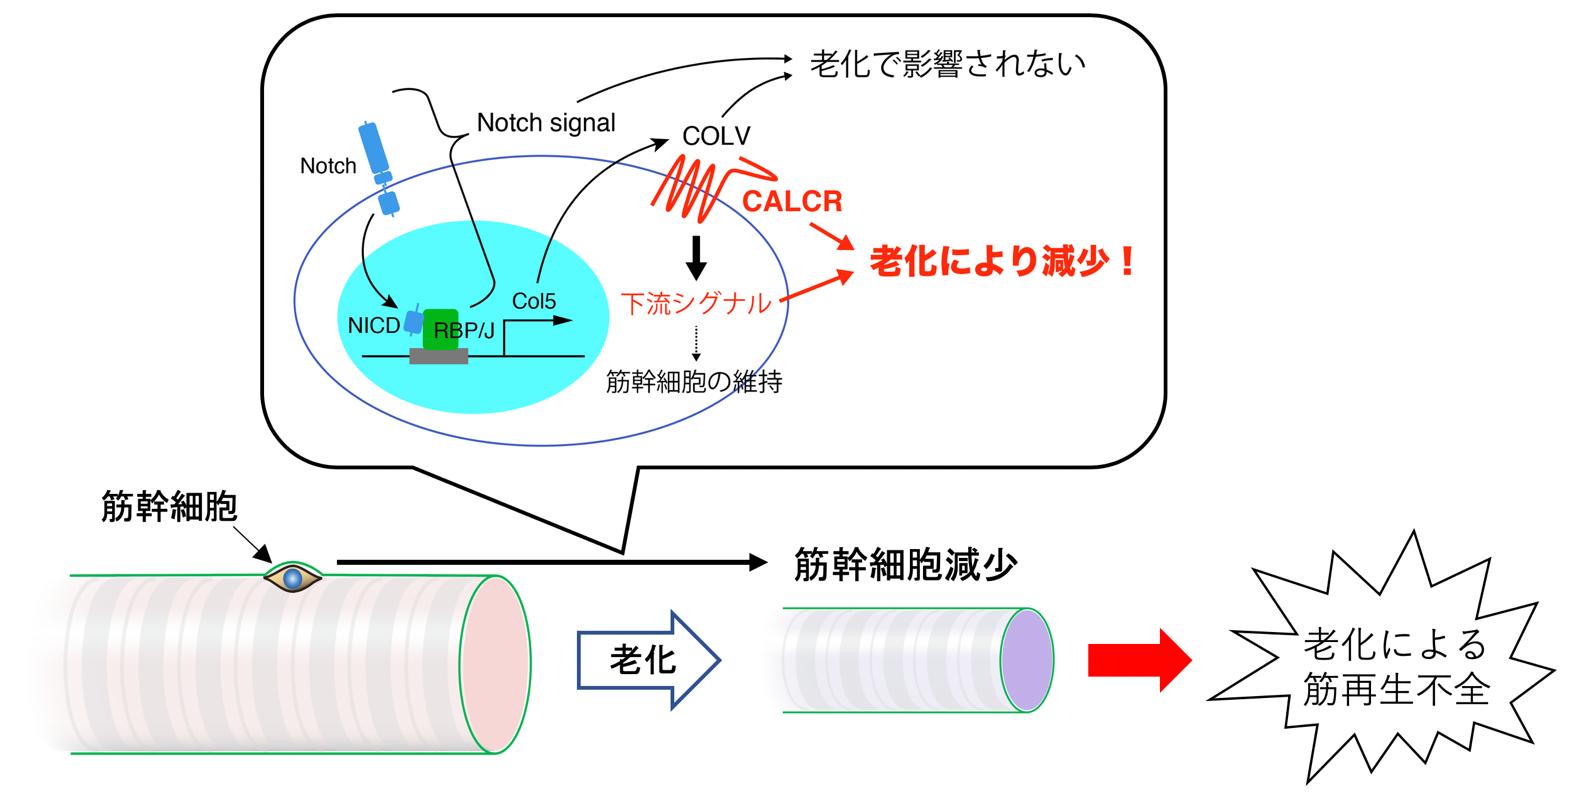 老化によるカルシトニン受容体の発現低下が筋幹細胞の減少を導くモデル